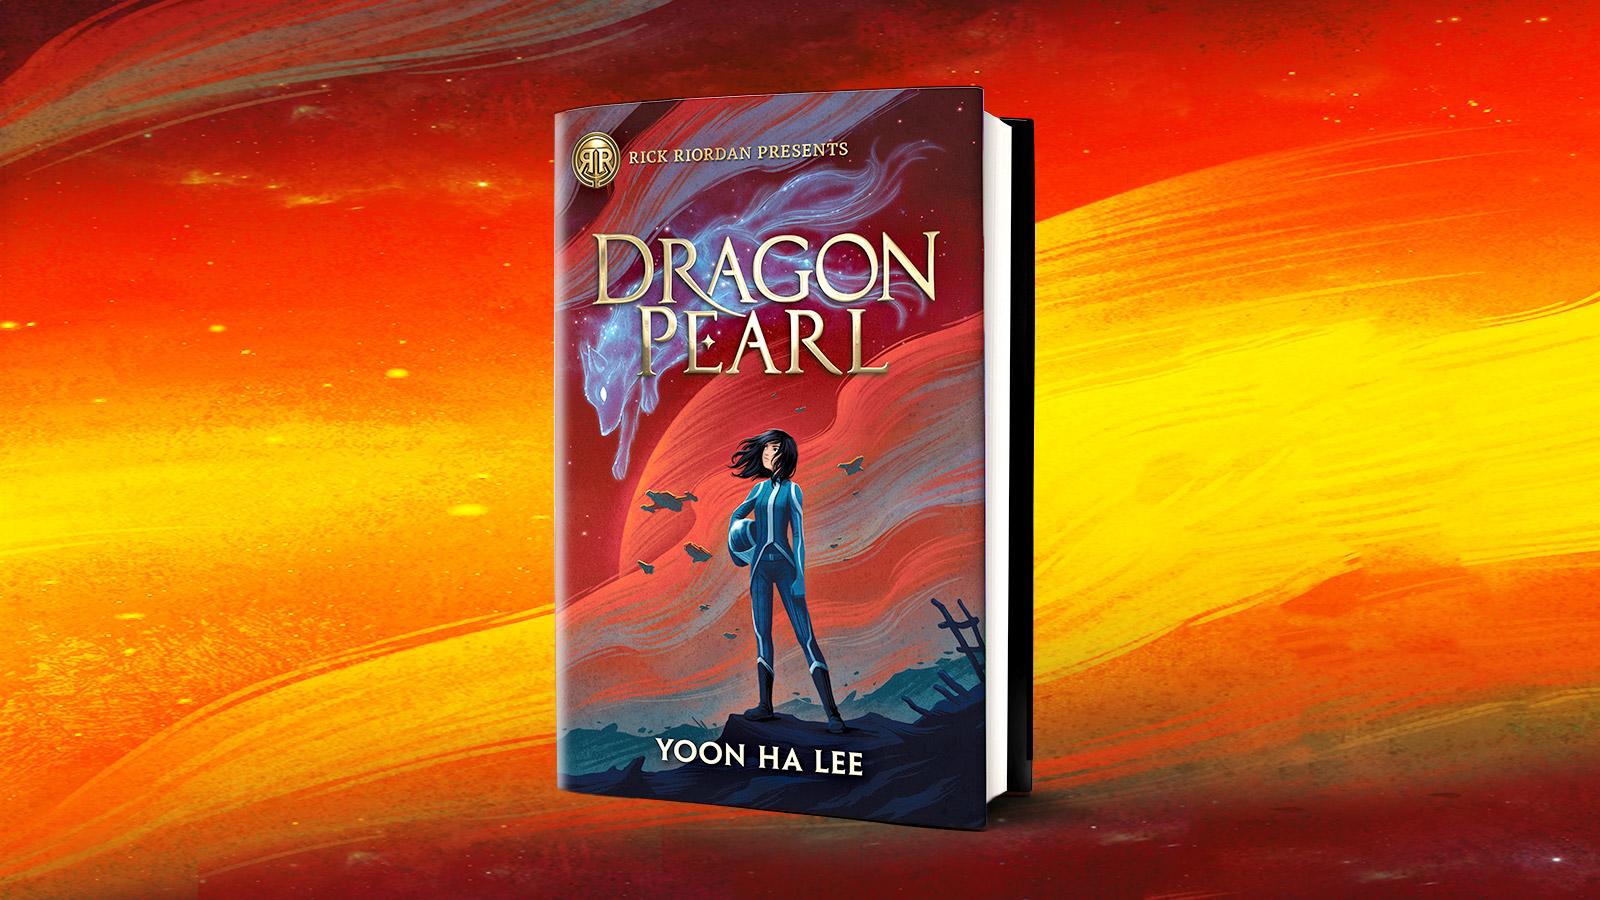 DragonPearl 3DBookAssets 1198 FINAL